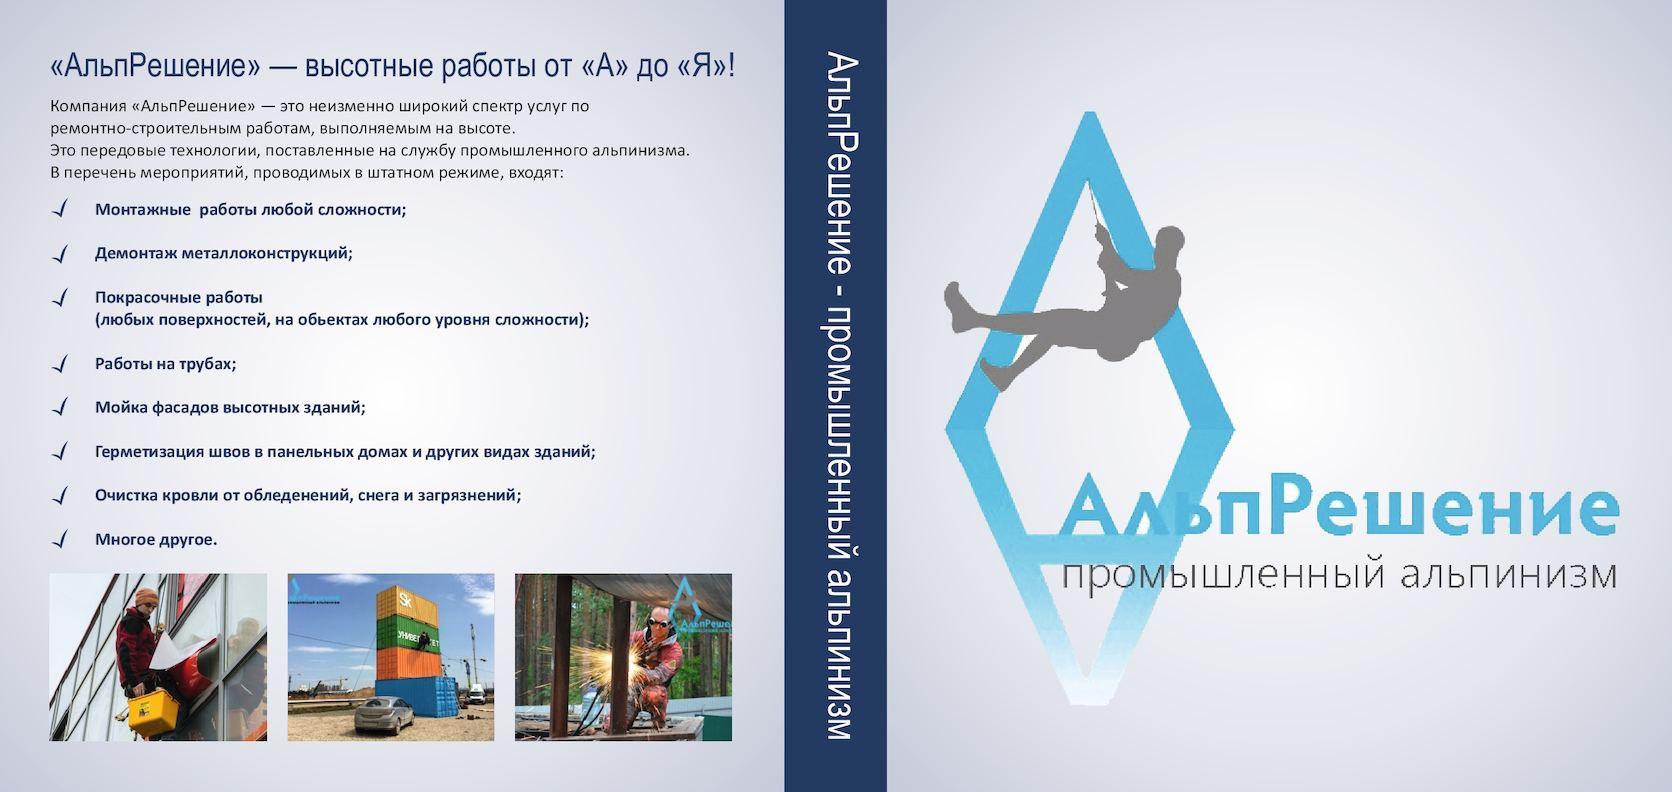 Промышленный альпинизм вакансии без опыта работы с обучением в москве вакансии